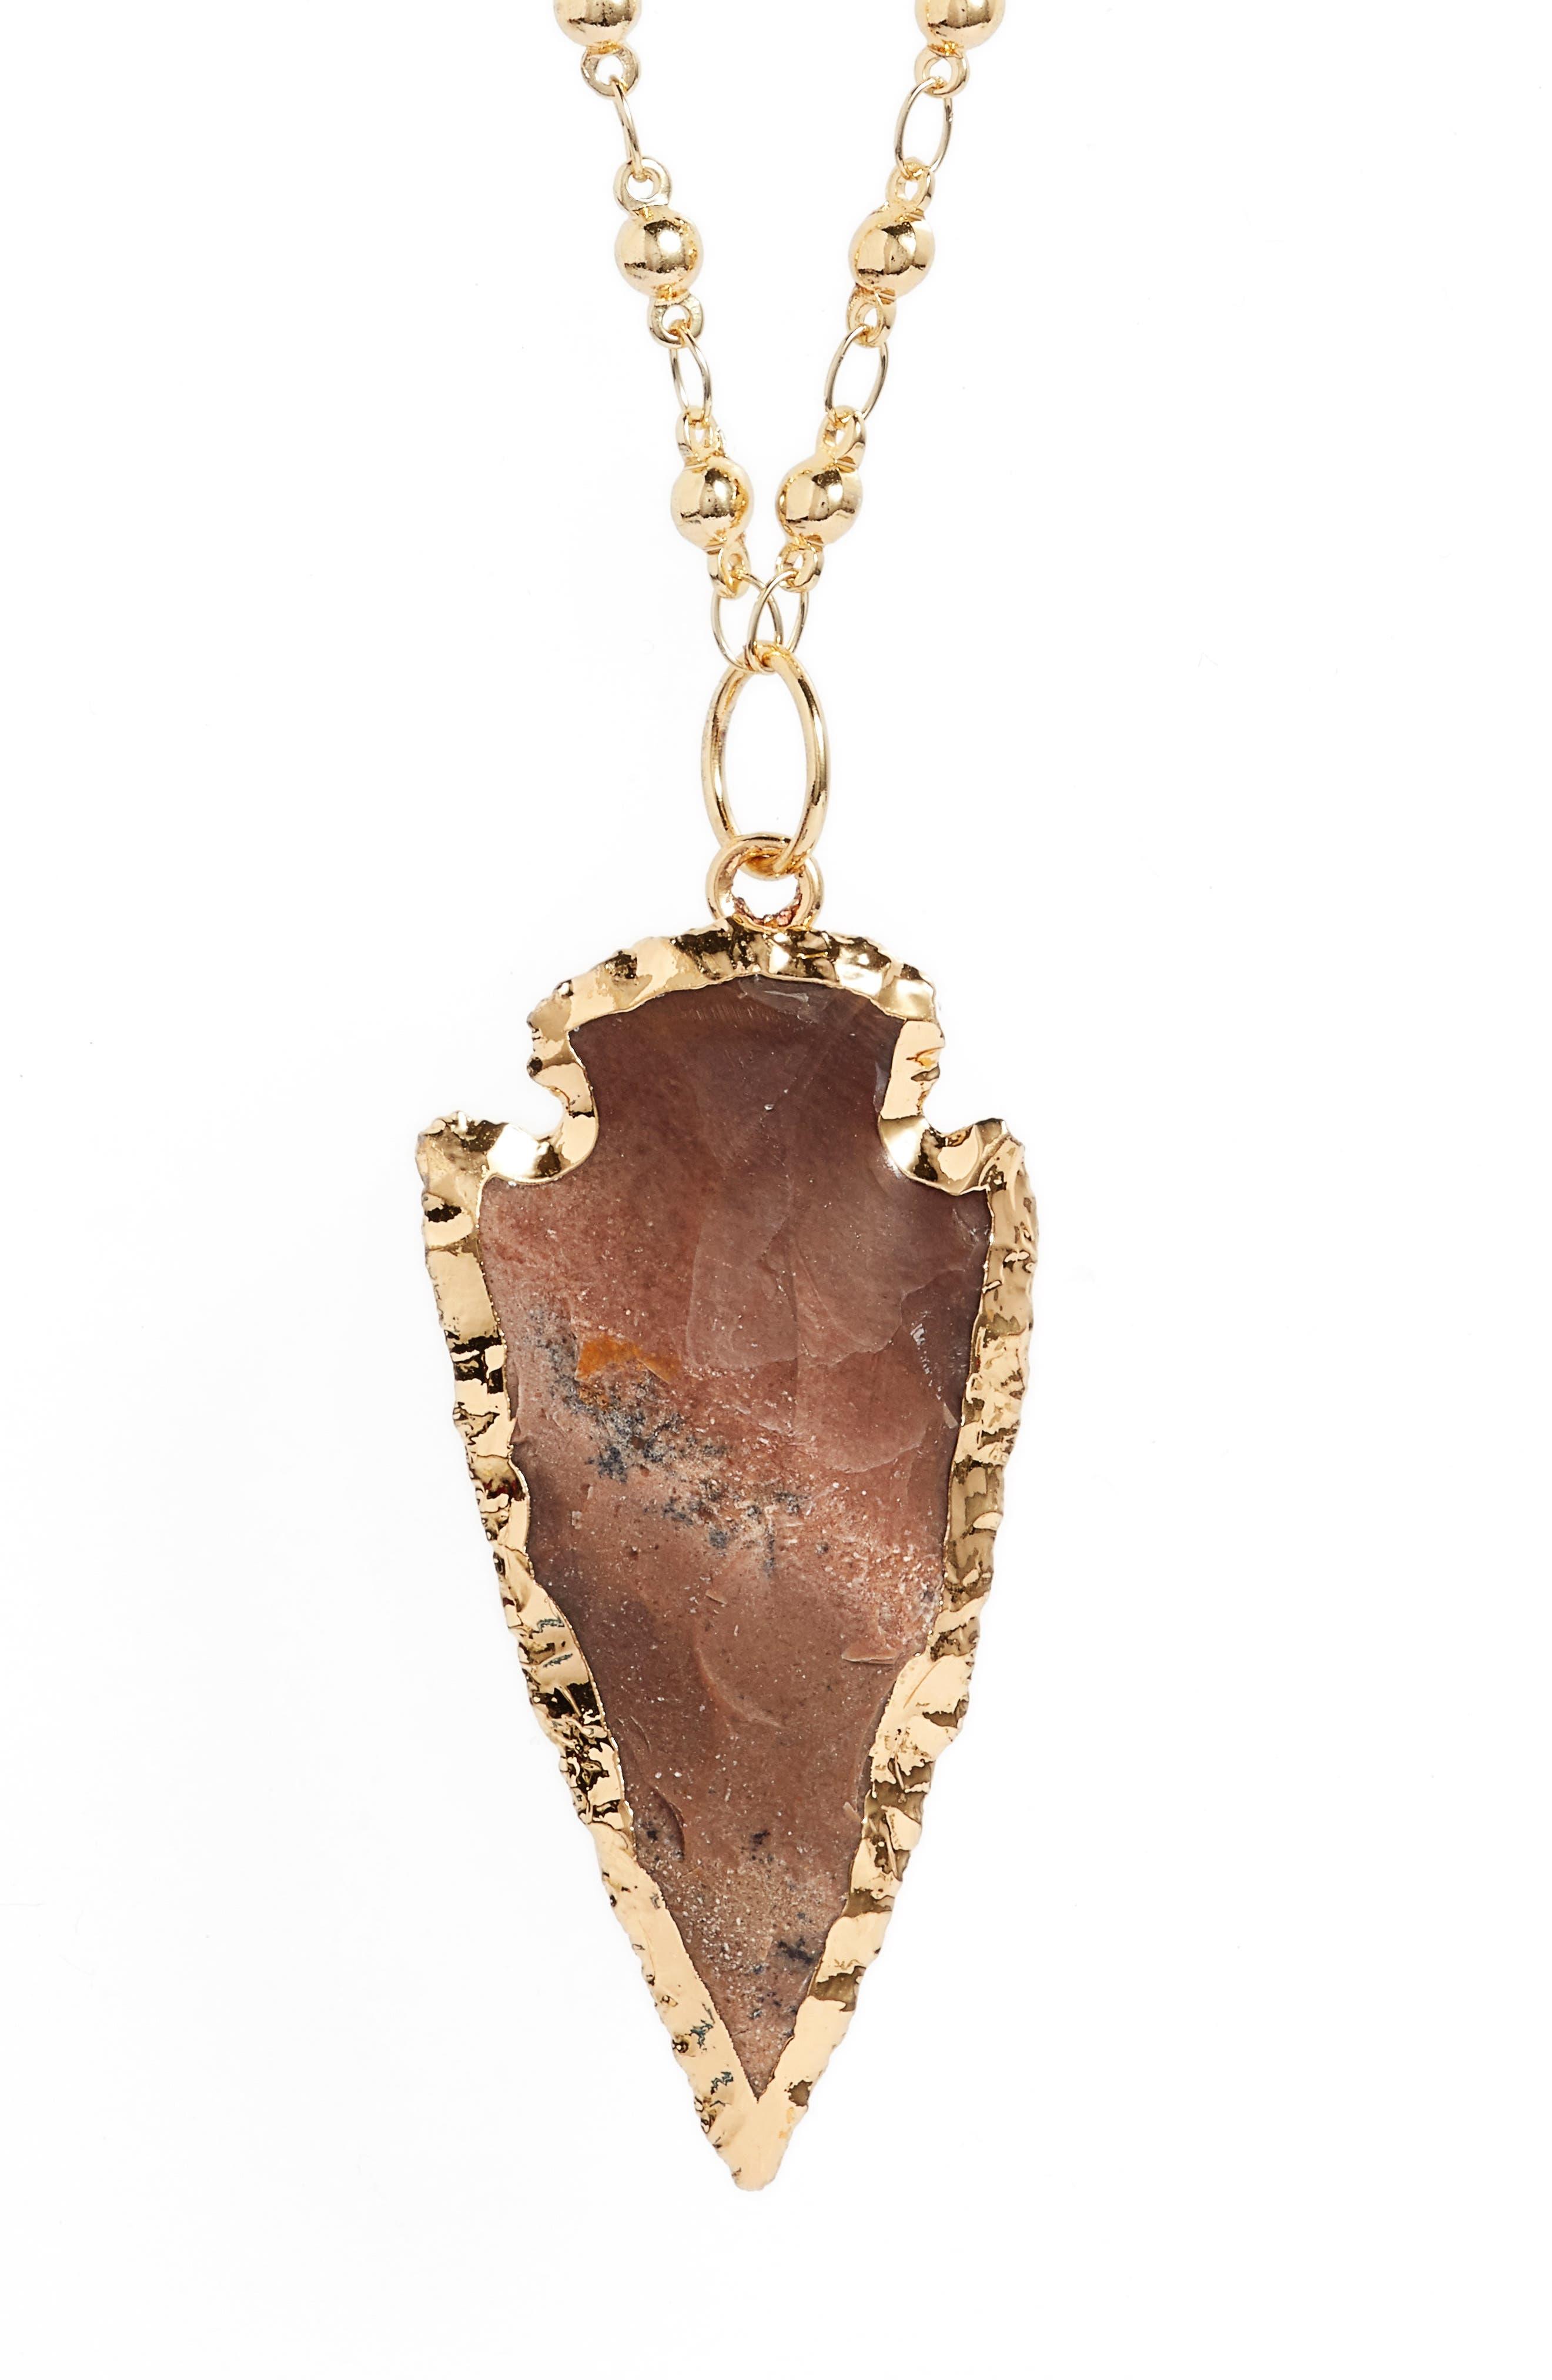 Sahara Arrowhead Necklace,                             Alternate thumbnail 2, color,                             Speckled